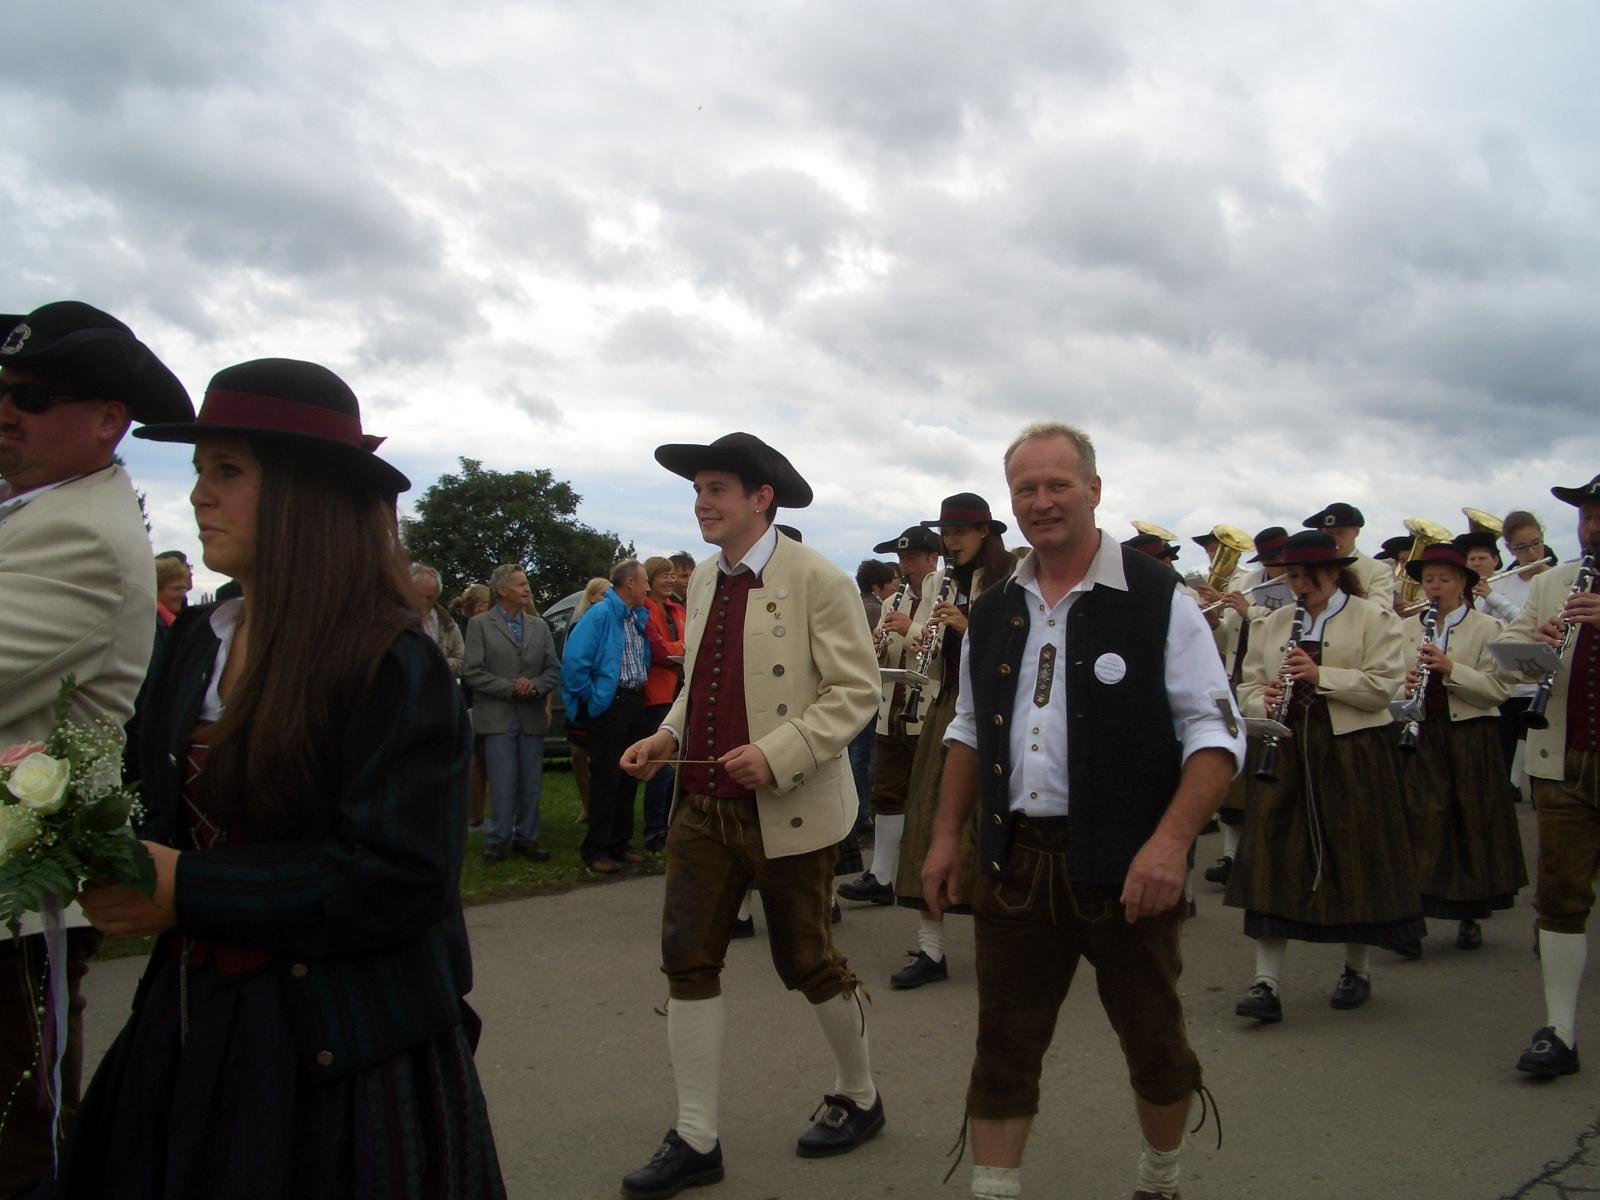 2013-09-15_musikfest-willerazhofen_005